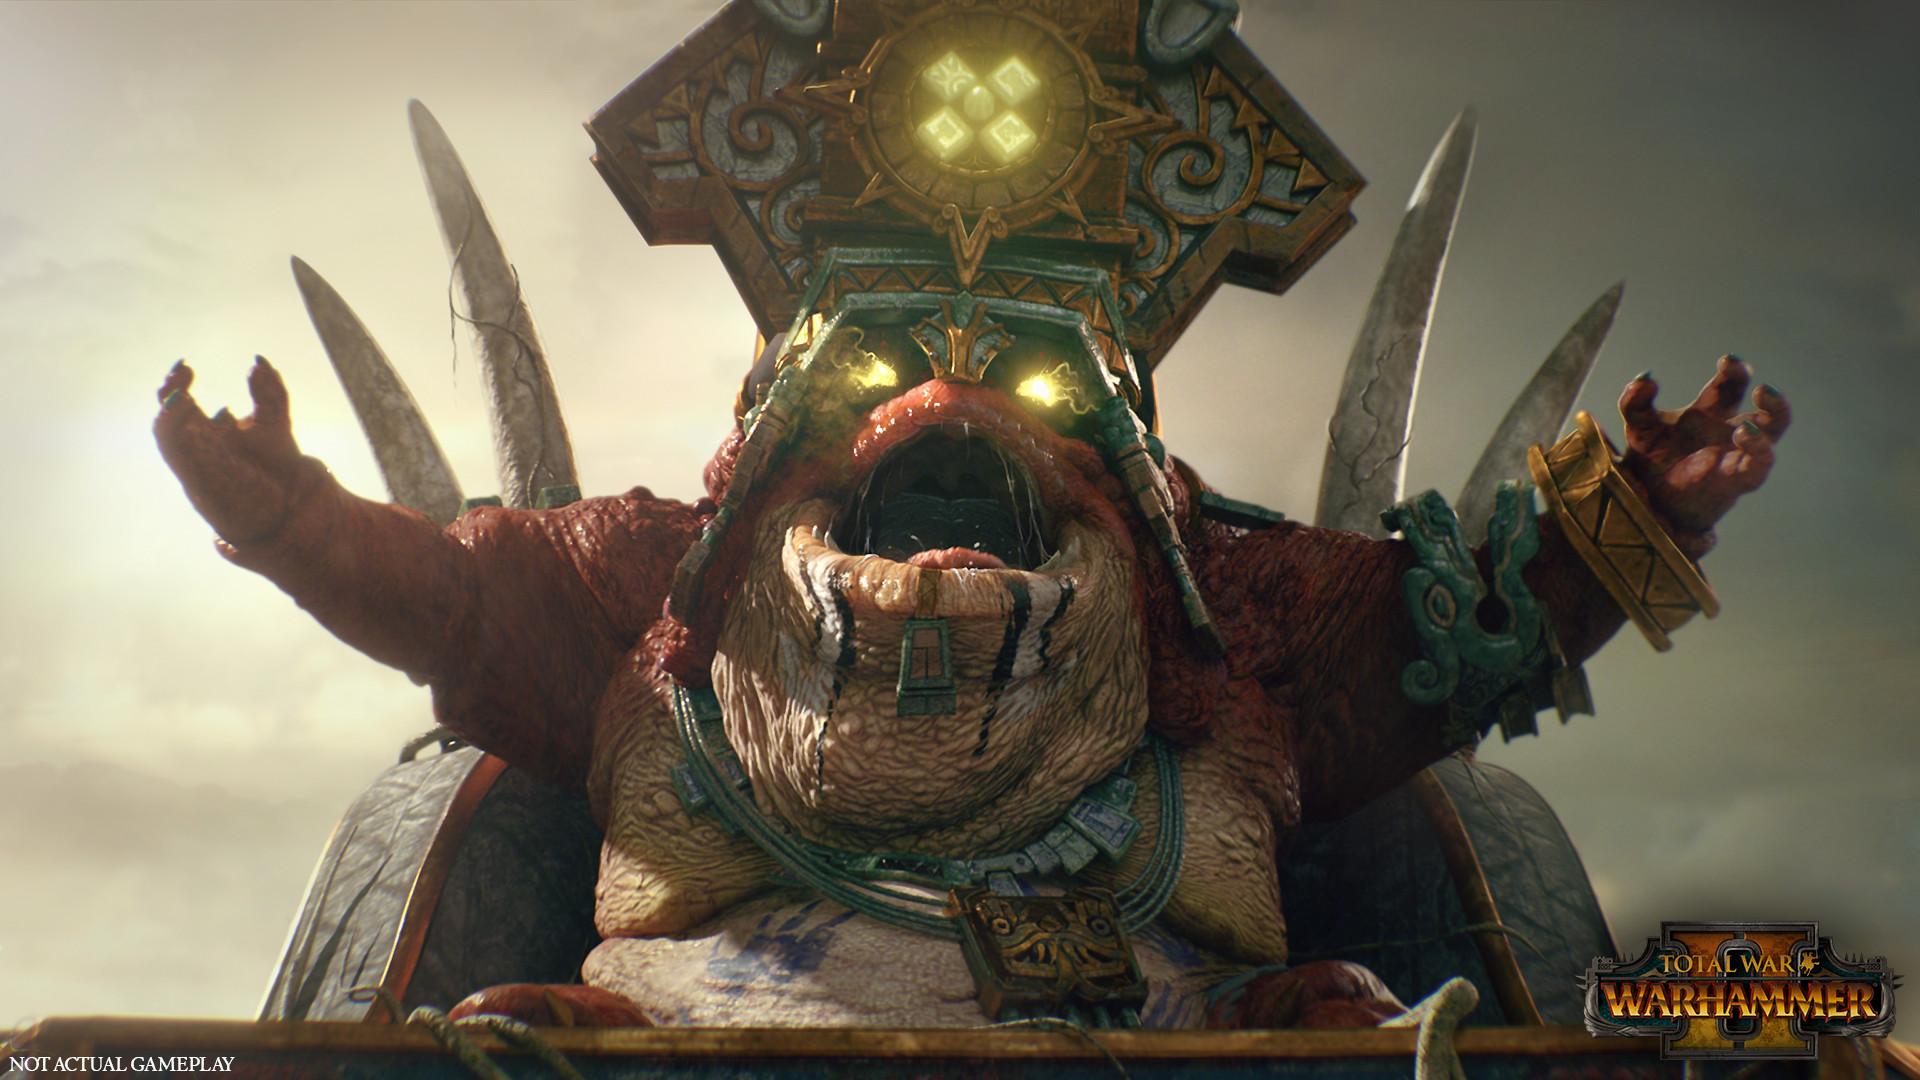 Už koncem roku vyjde Total War: Warhammer 2 141329